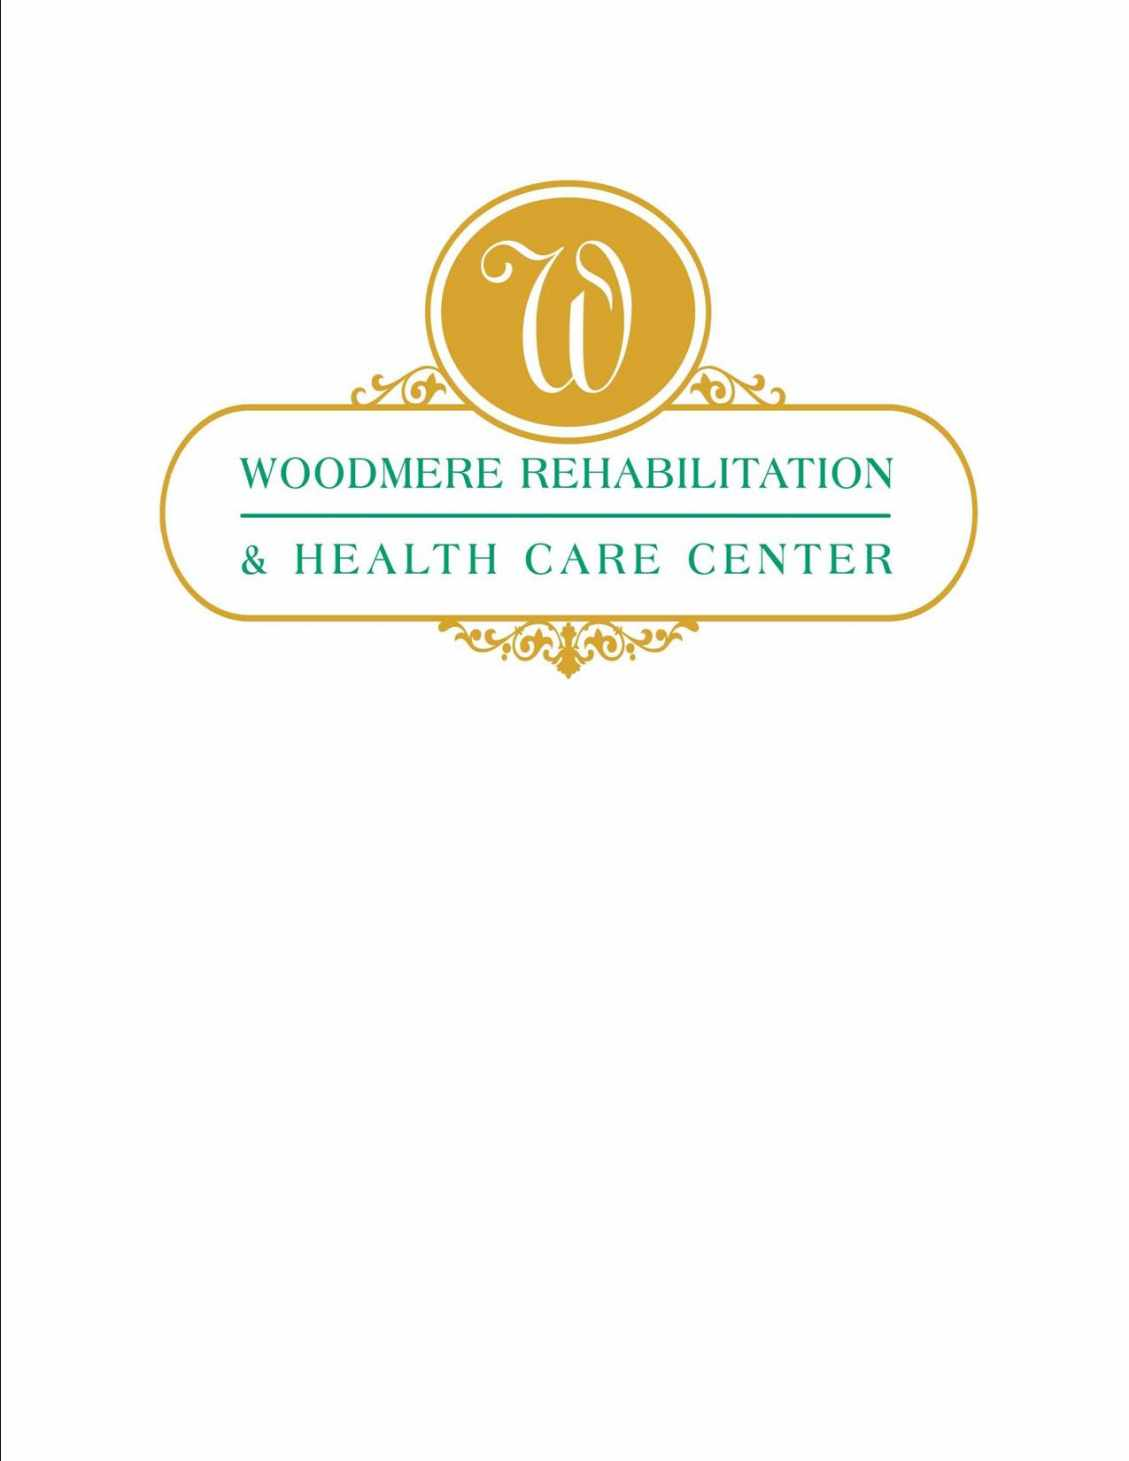 woodmererehab-org Logo